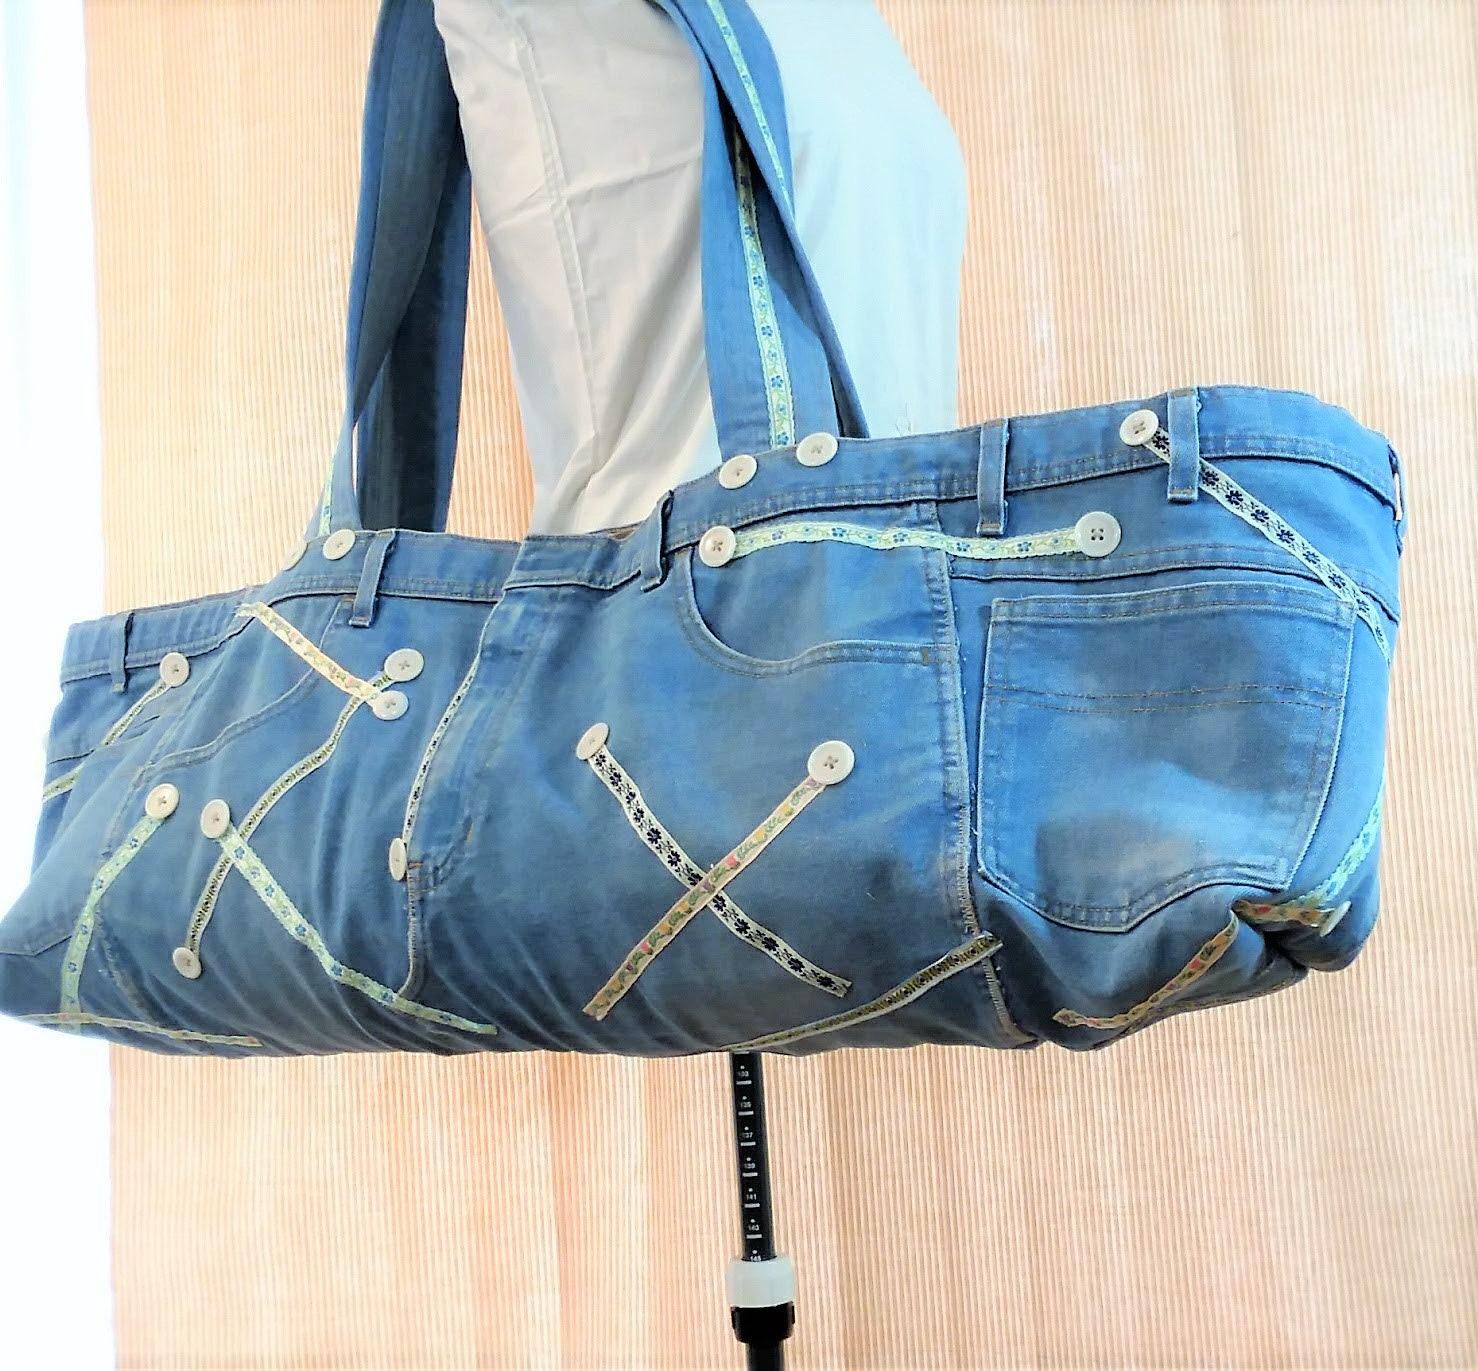 Yoga Mat Tote Bag Upcycled Repurposed Dad Jeans Denim Yoga  4c734994b691a